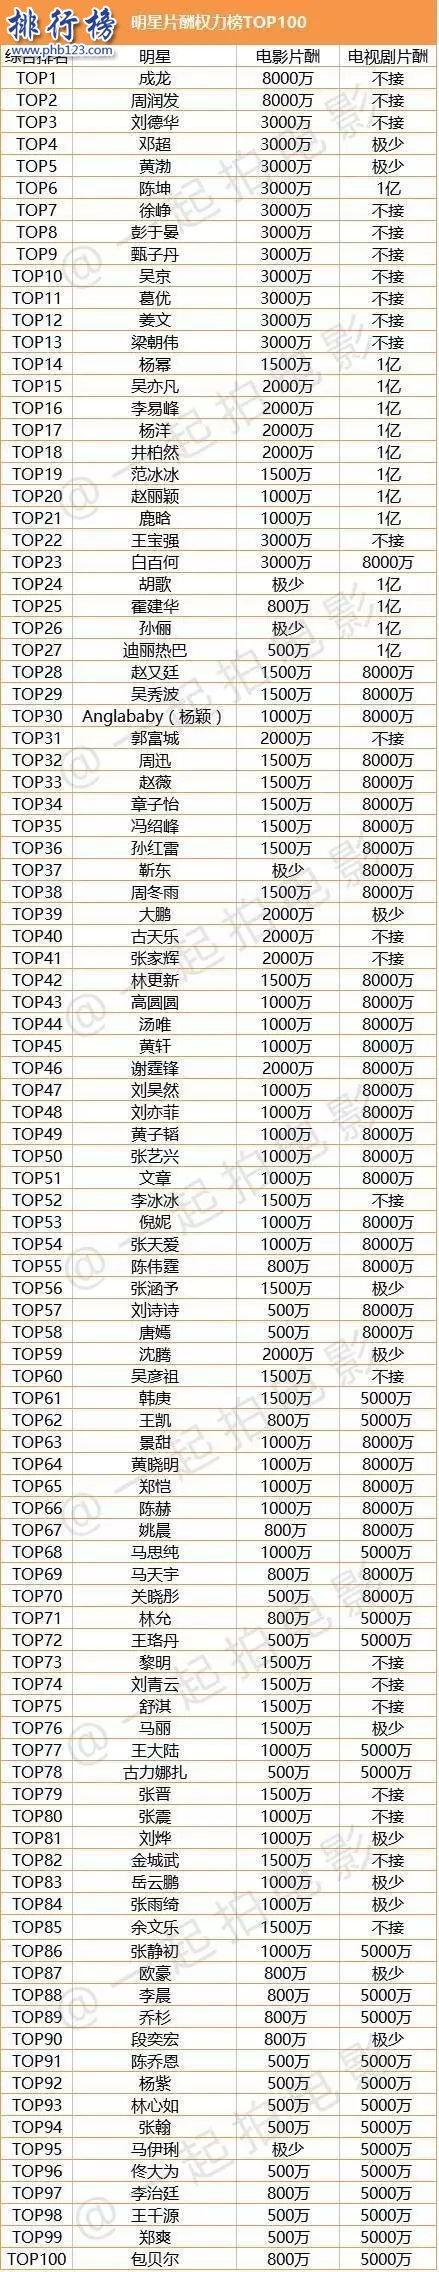 2021中國演員片酬排行Top100:成龍8000萬奪冠,楊冪女演員第一